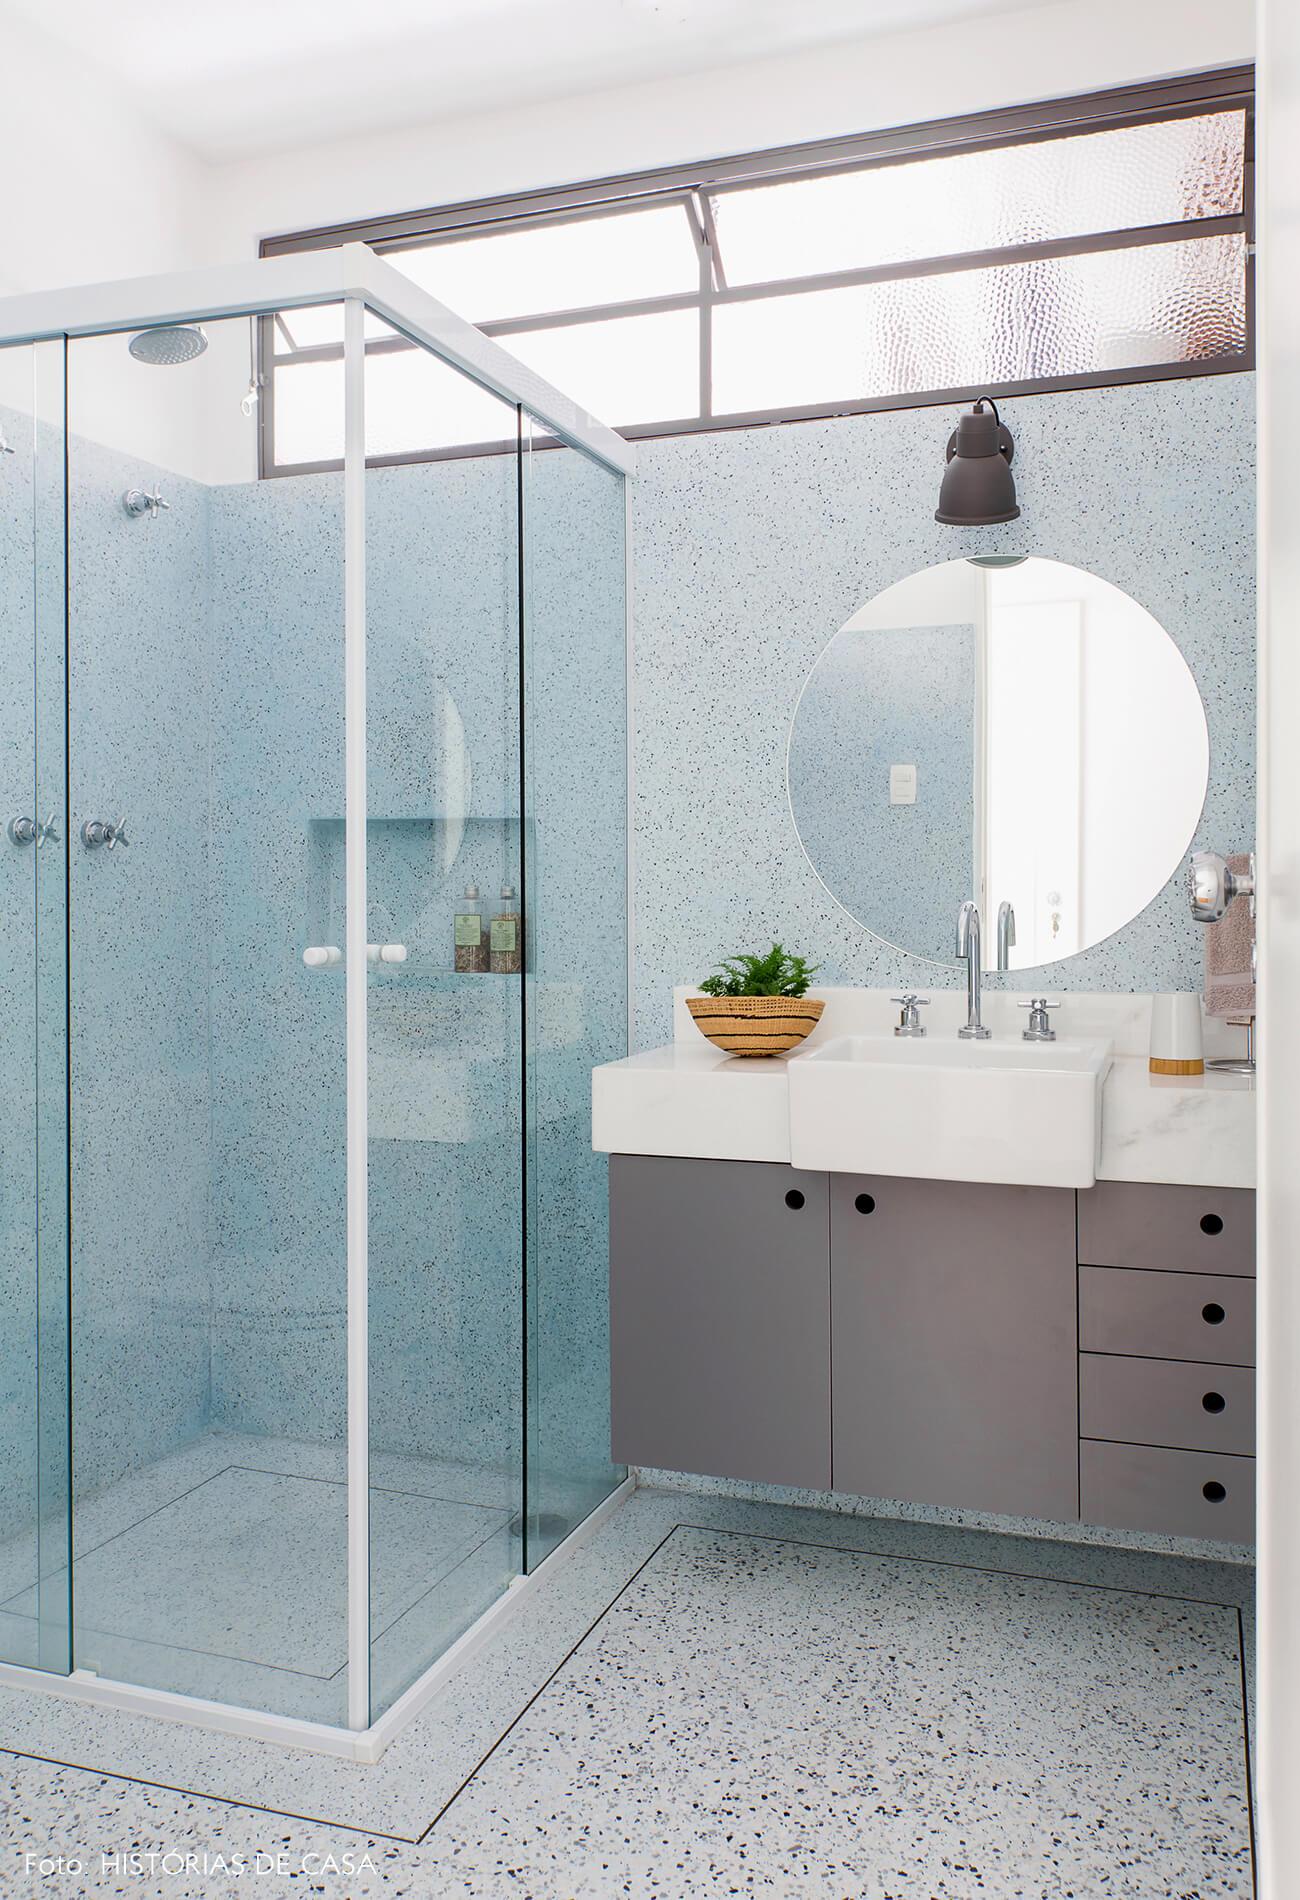 Banheiro de granilite azul no piso e na parede, espelho redondo